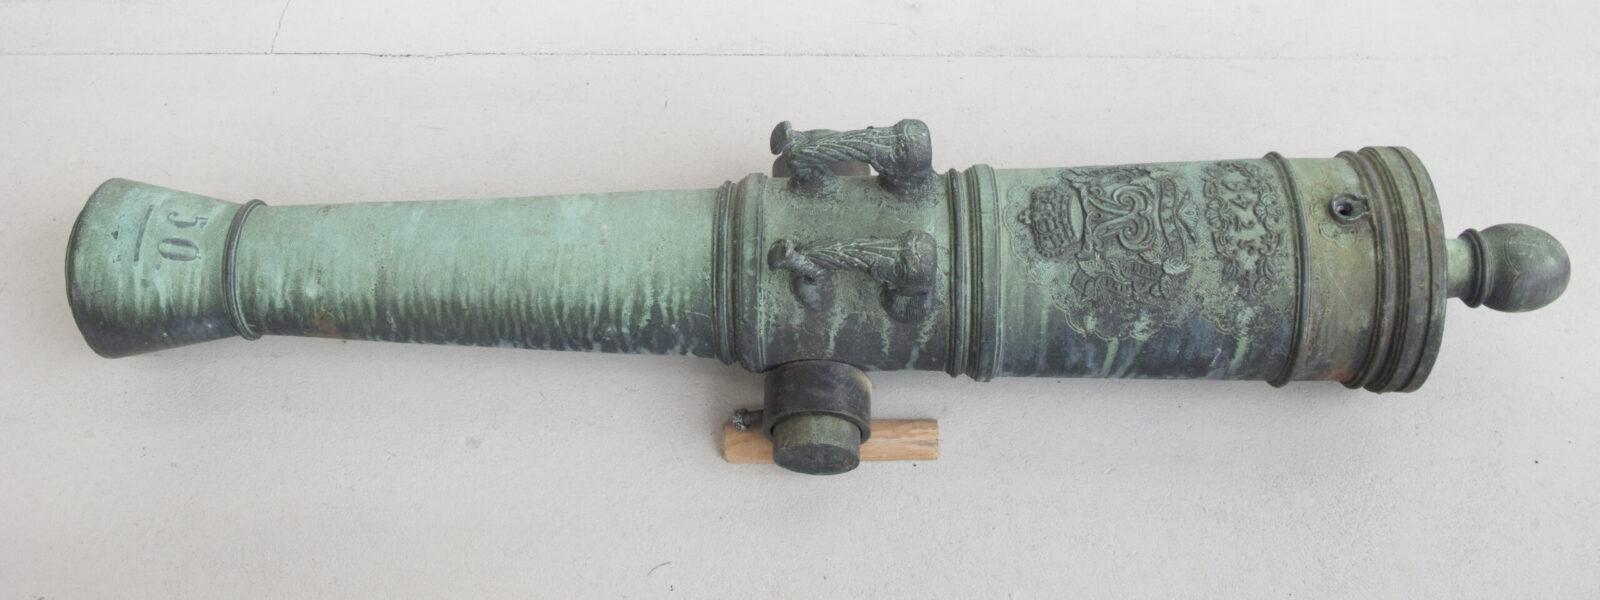 Artilleri - de store kanoner